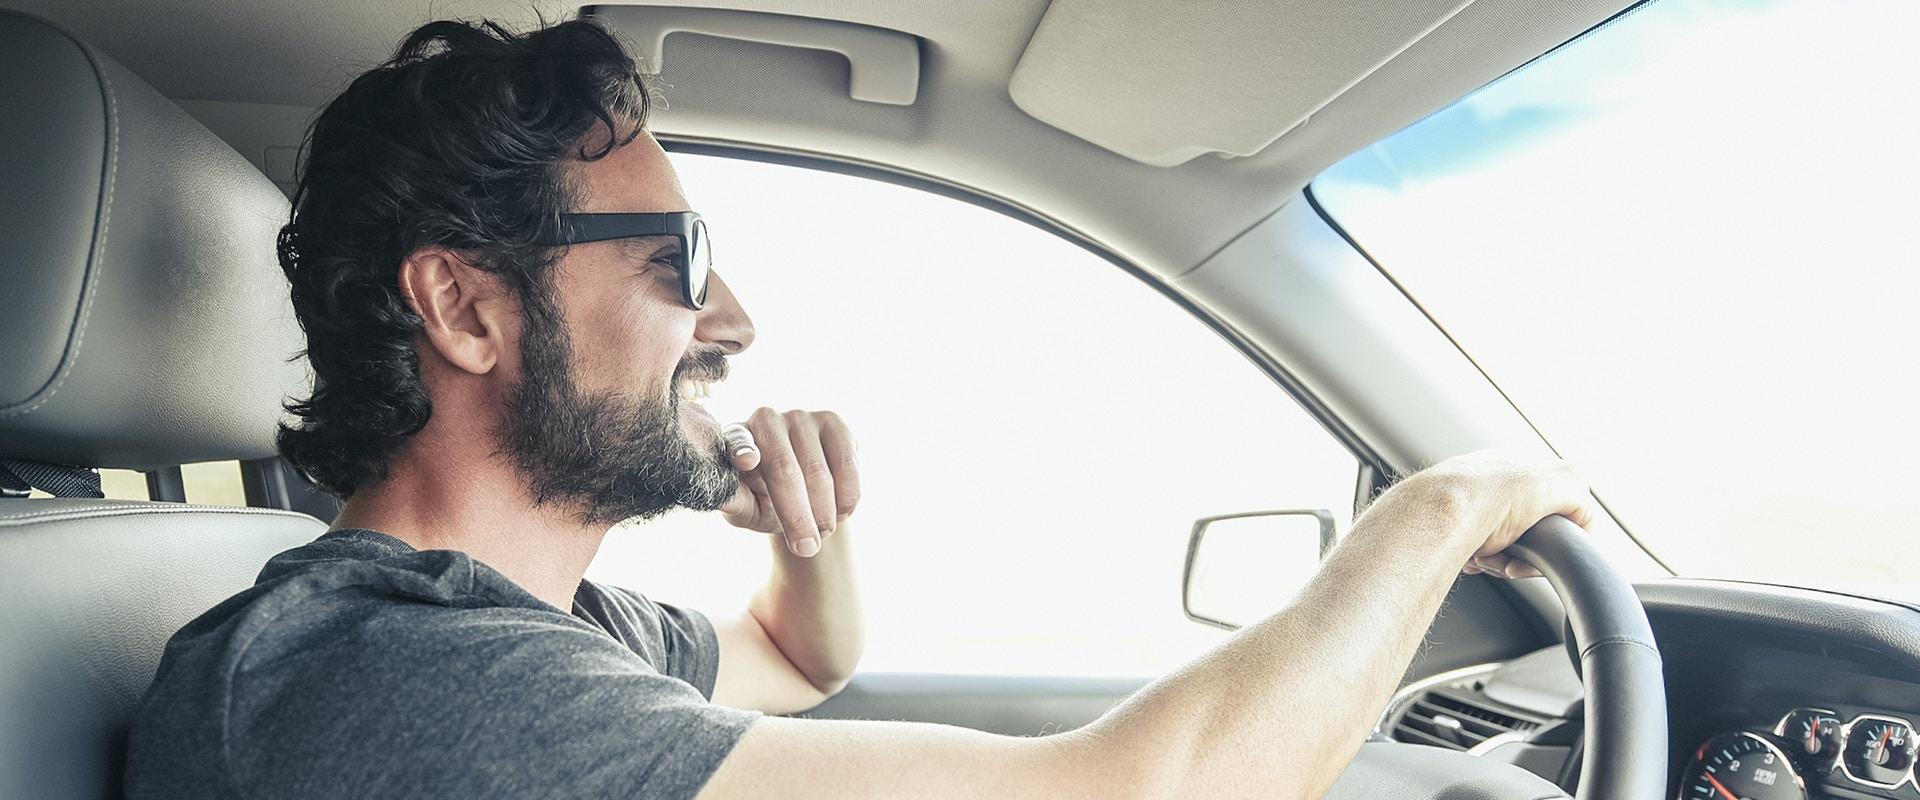 Ein Mann fährt Auto.